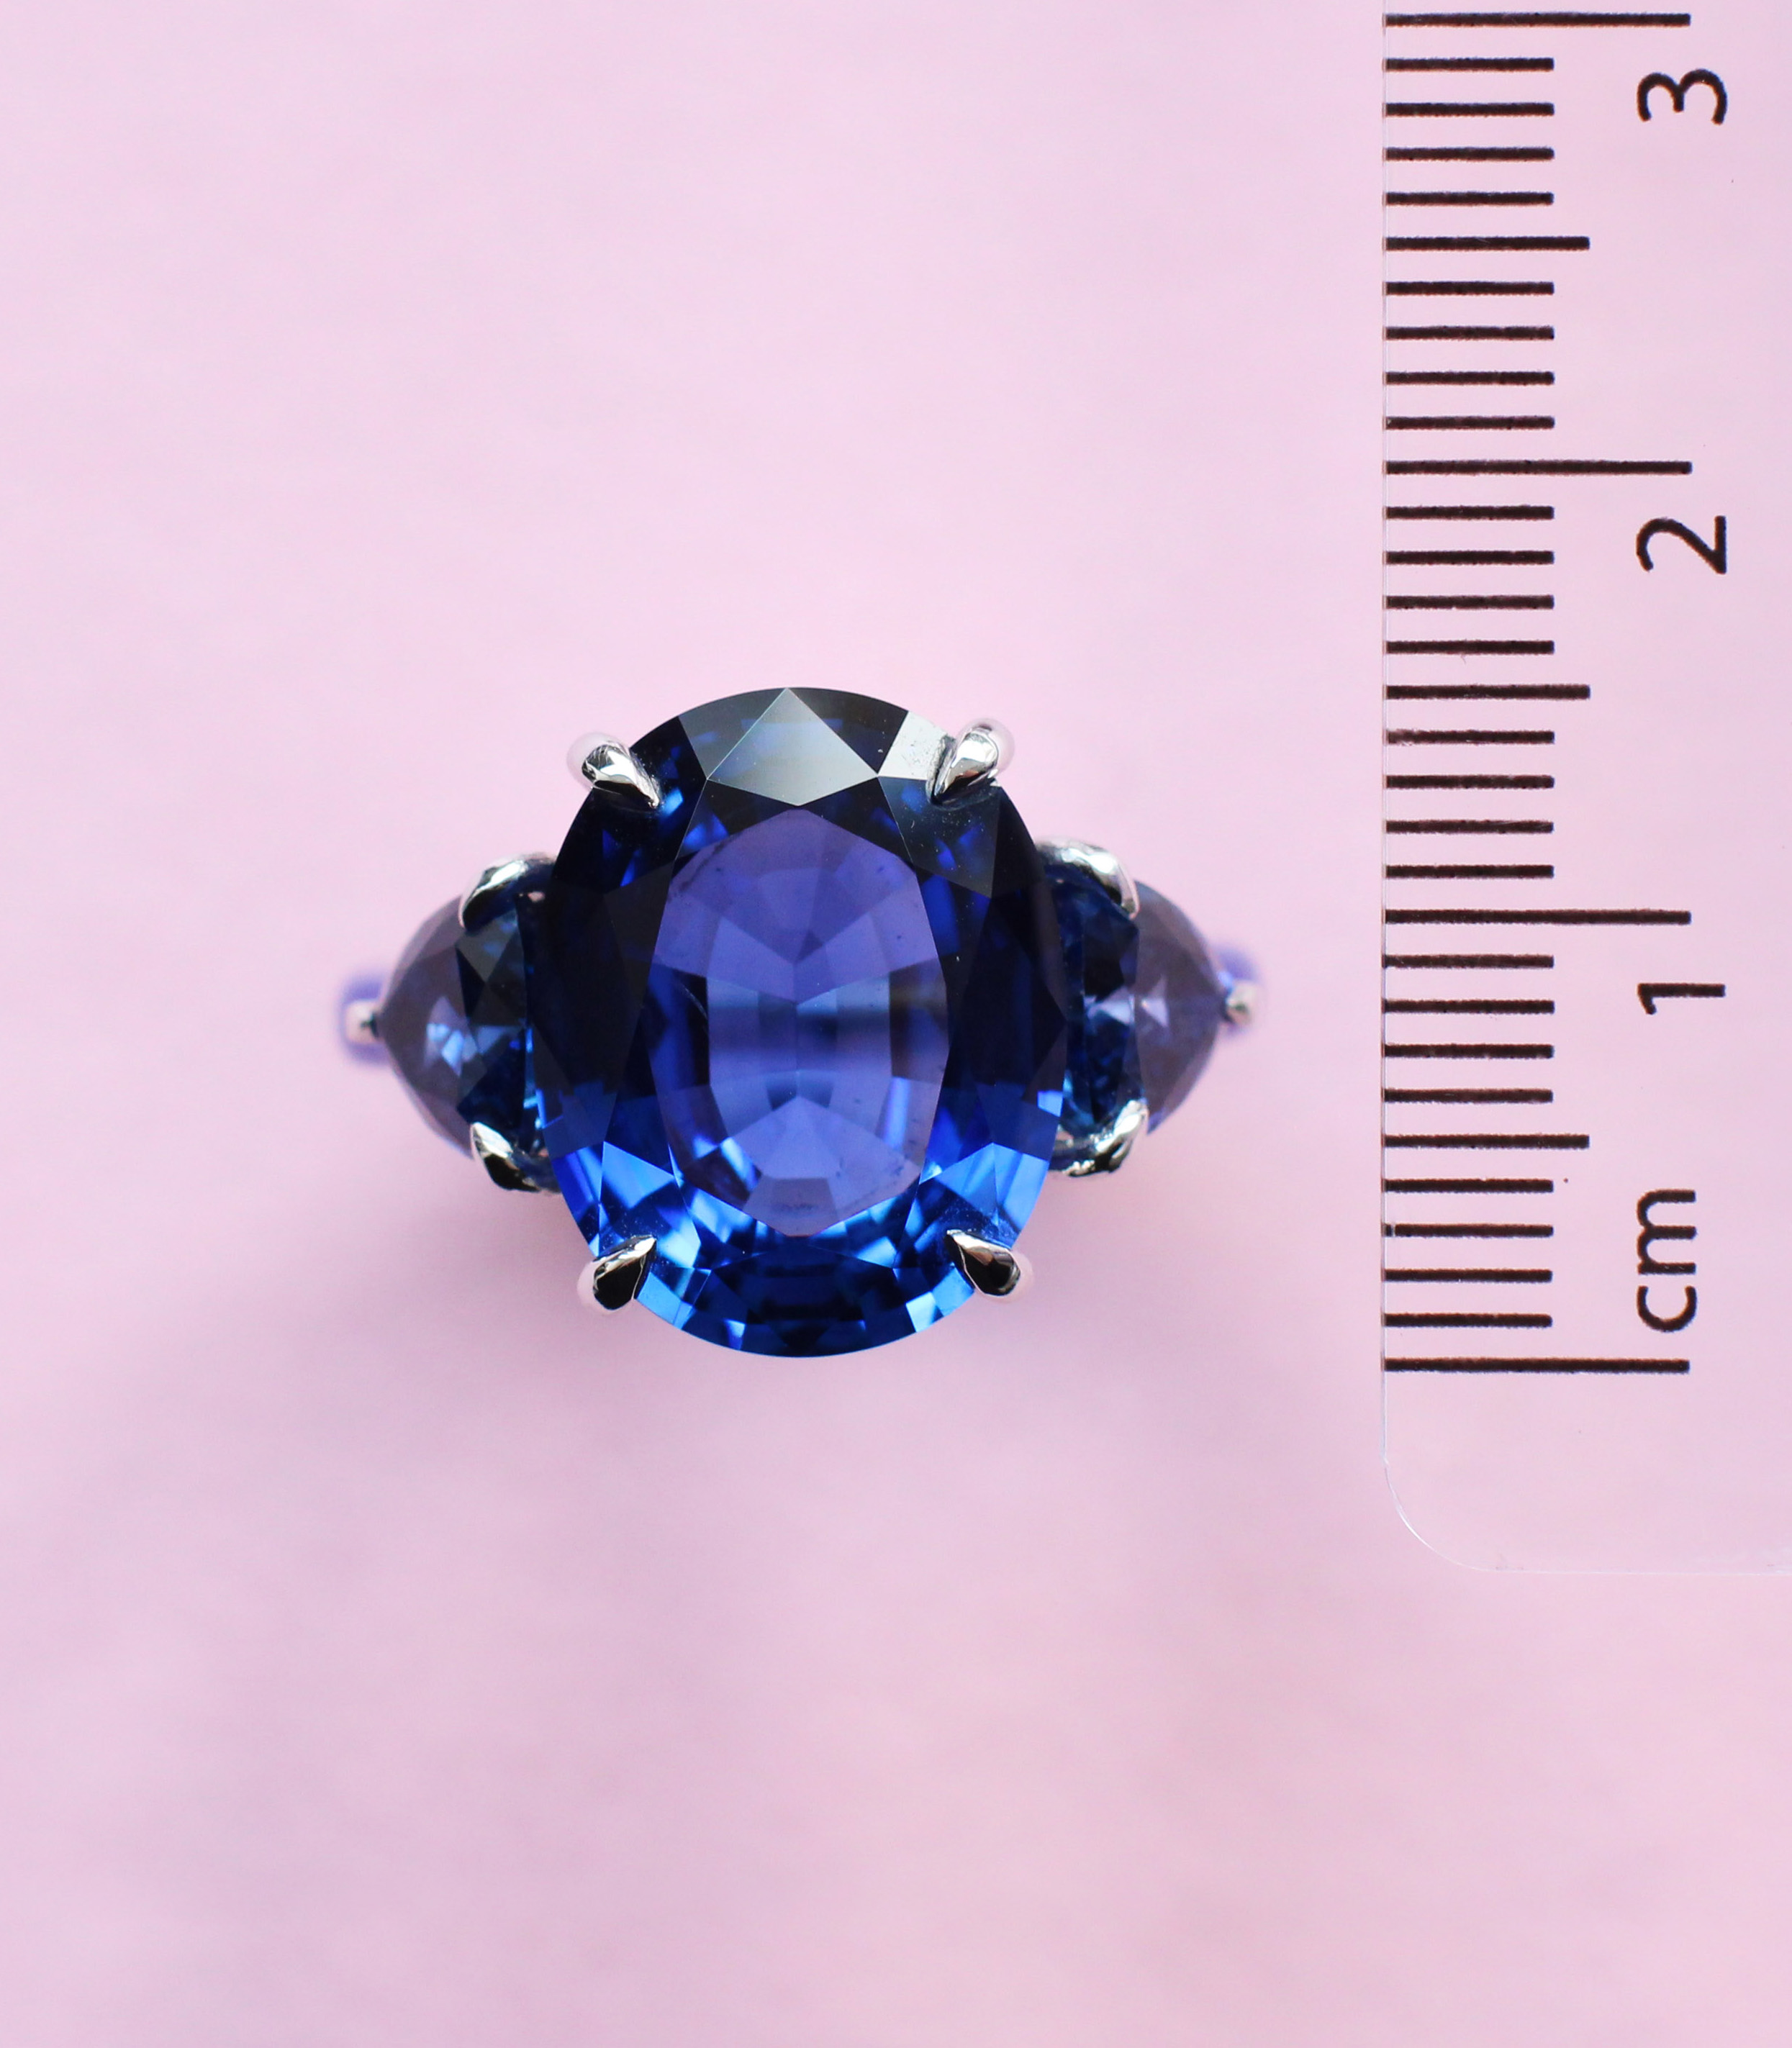 monochrome sapphire, platinum and ceramic ring